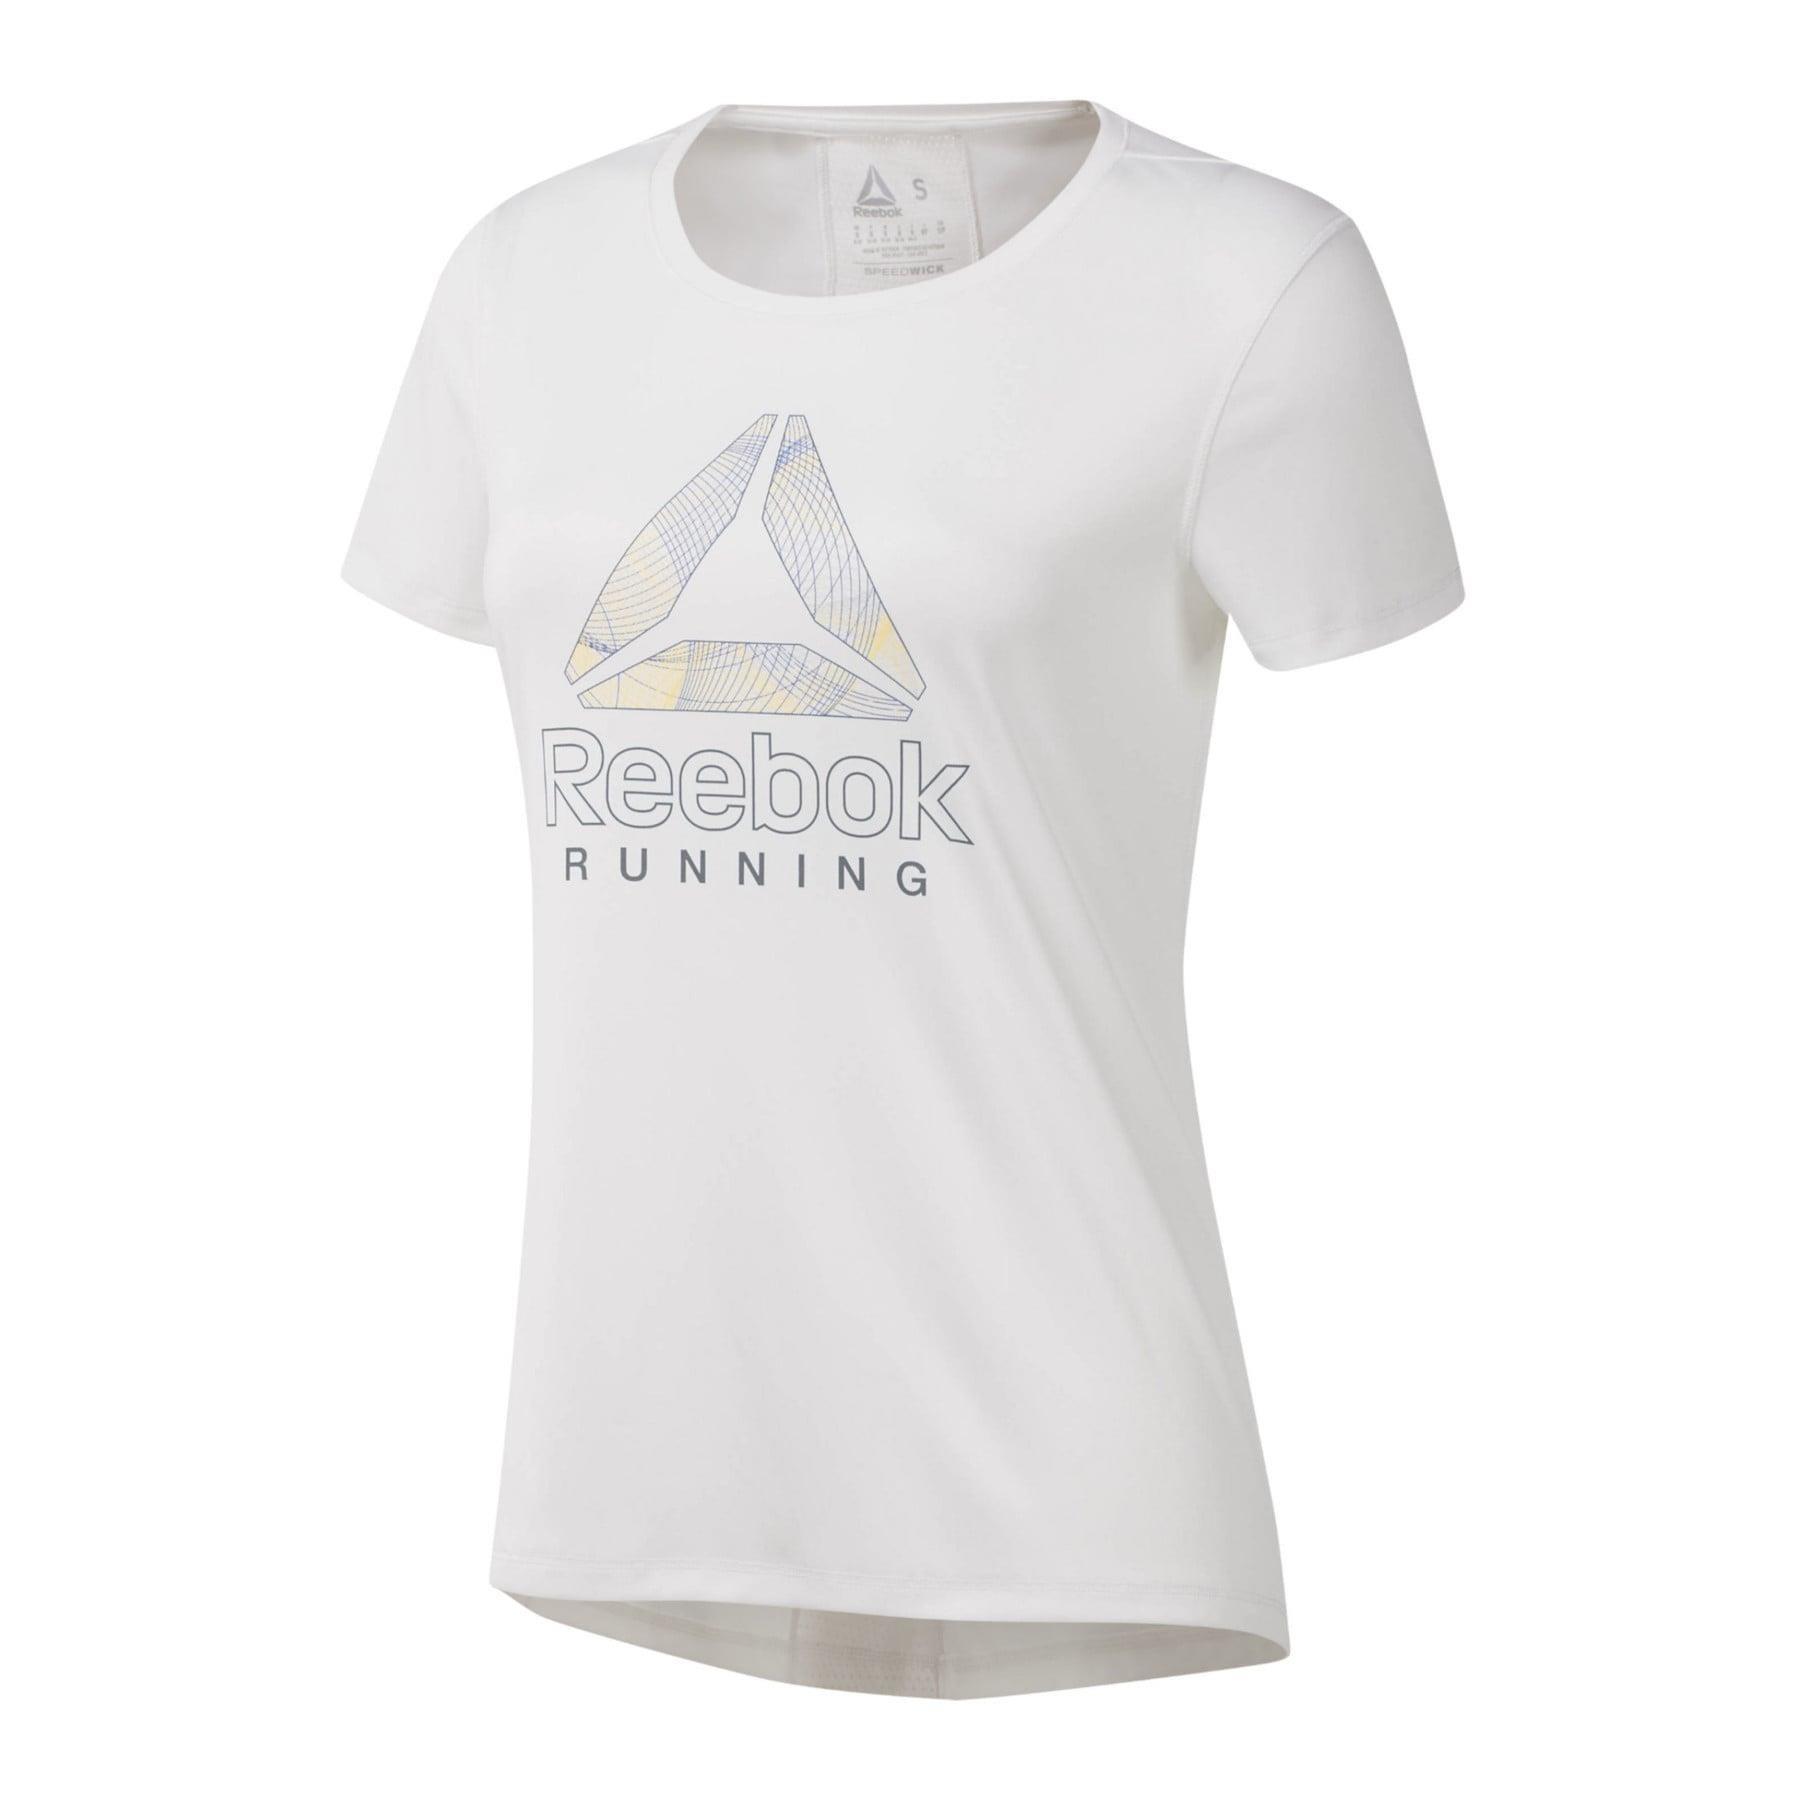 Koszulka Reebok Running DU4264 DU4264 r L